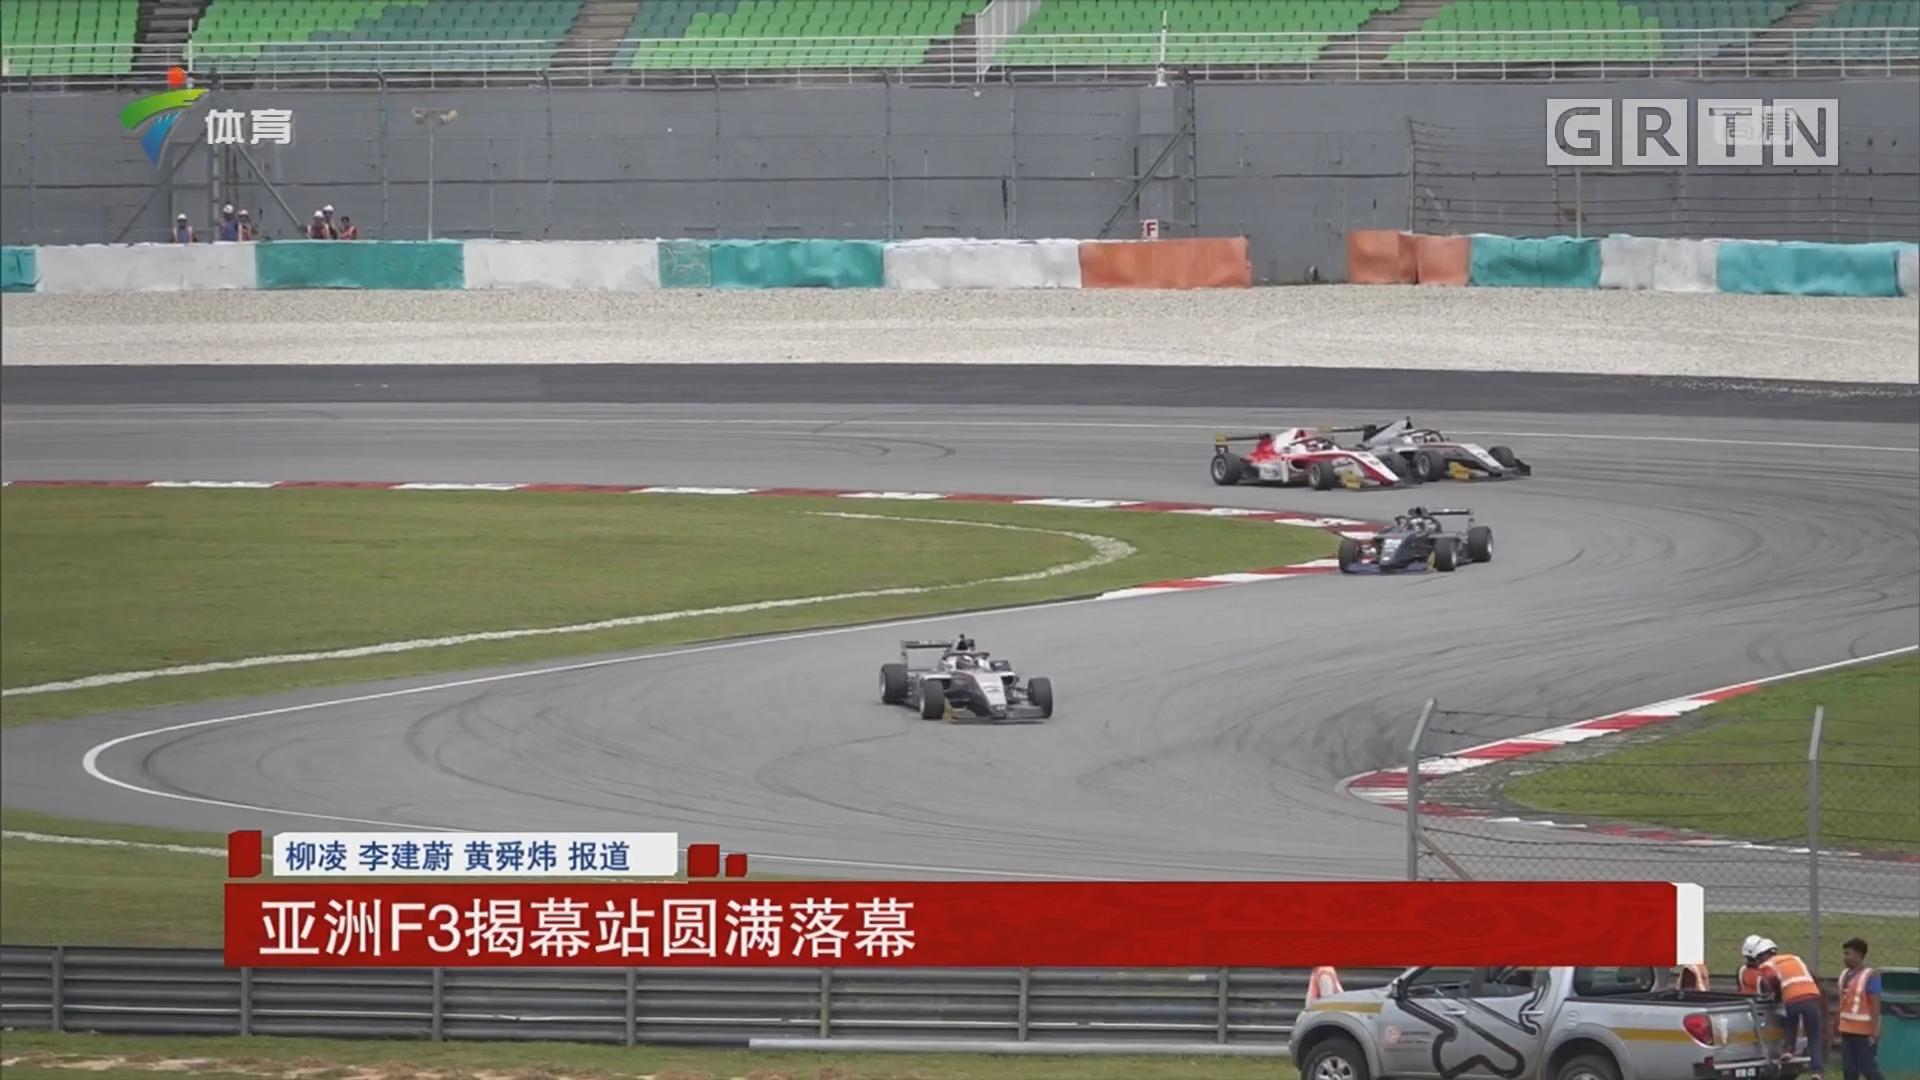 亚洲F3揭幕站圆满落幕